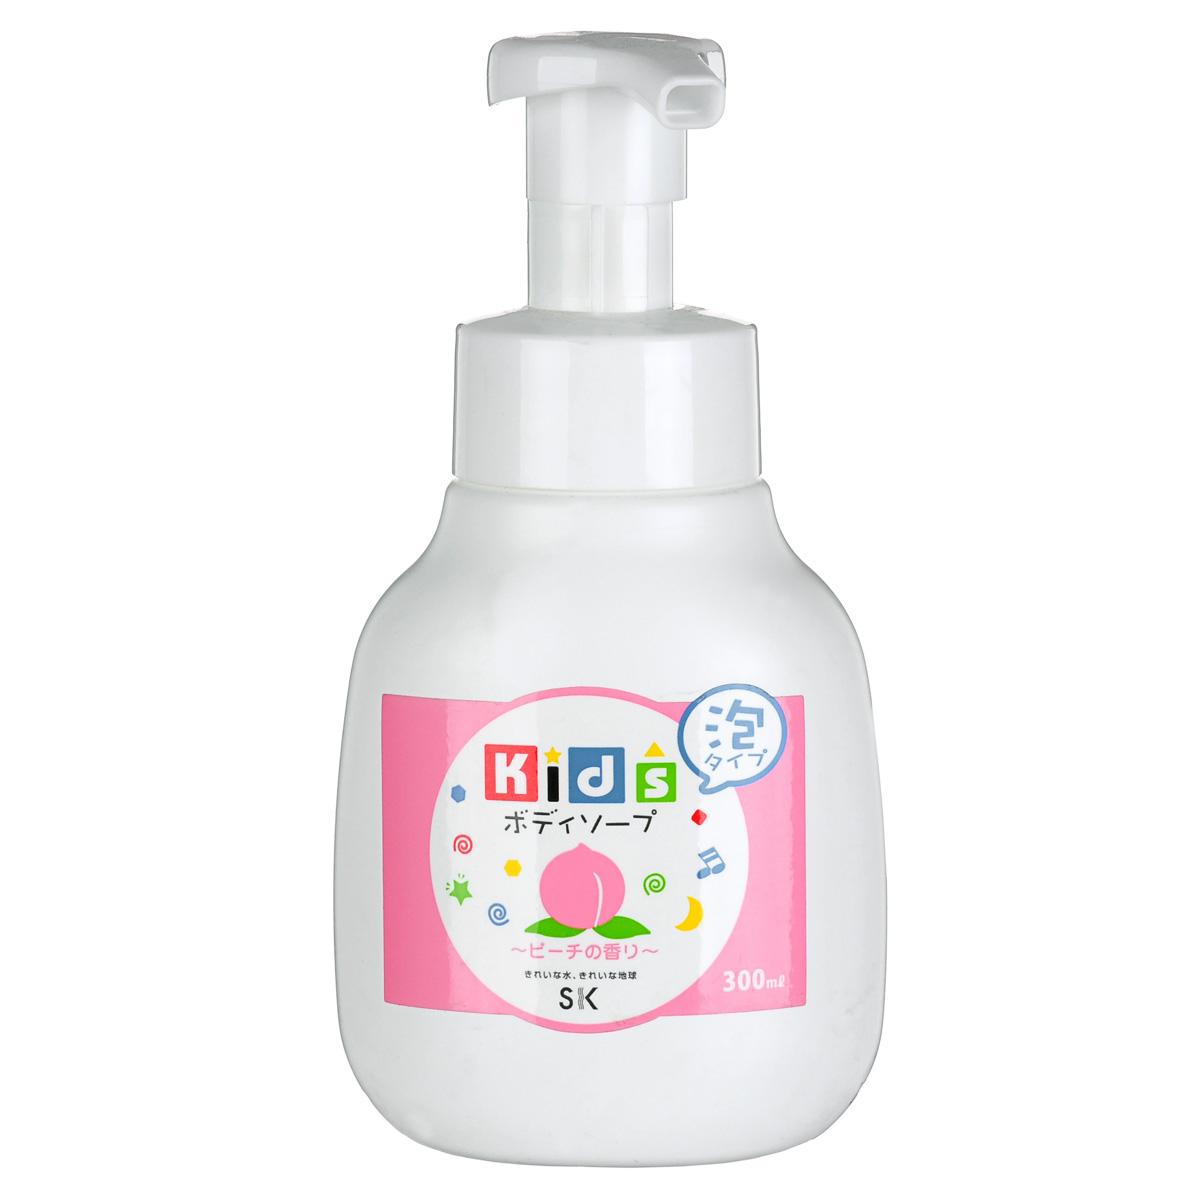 SK Kids Детское пенное мыло для тела с ароматом персика, 300 млА503001Воздушное детское пенное мыло порадует вашего малыша сочным ароматом персика и мыльными пузырьками! Оно очистит детскую кожу и обеспечит полноценный уход за ней. Абсолютно безопасно. Экстракт персика, в составе пенки, увлажнит и окажет противовоспалительное действие на нежную кожу. Не содержит ПАВ, искусственных красителей, ароматизаторов, антиоксидантов, поэтому мыло необходимо хранить в местах, защищенных от прямых солнечных лучей, высокой температуры и влажности. Проверено дерматологами.